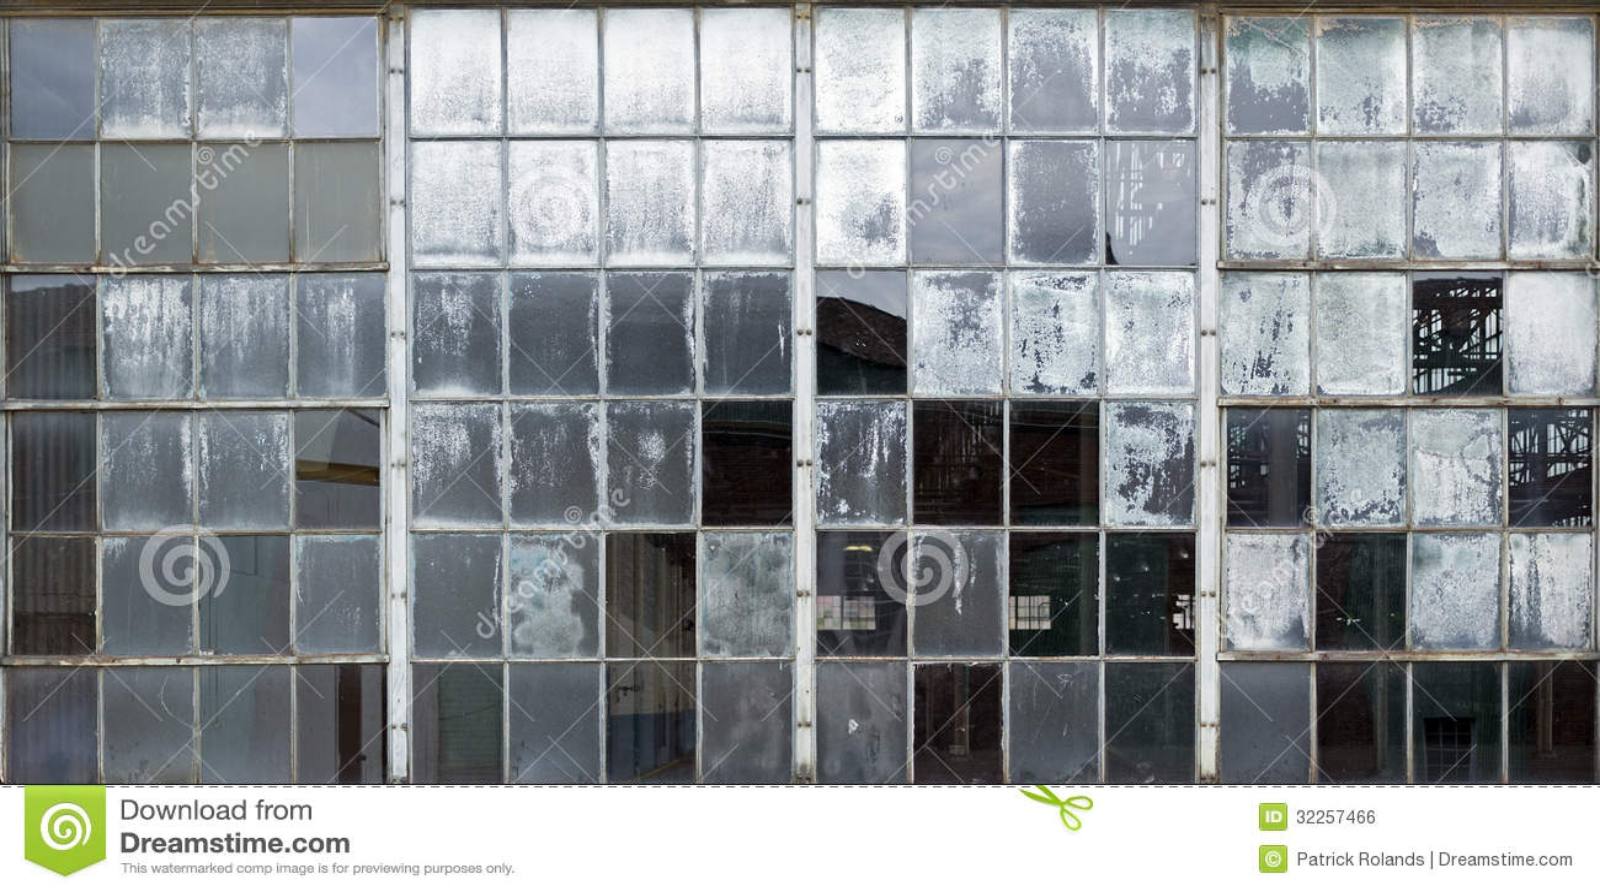 Grunge Window Royalty Free Stock Image - Image: 32257466